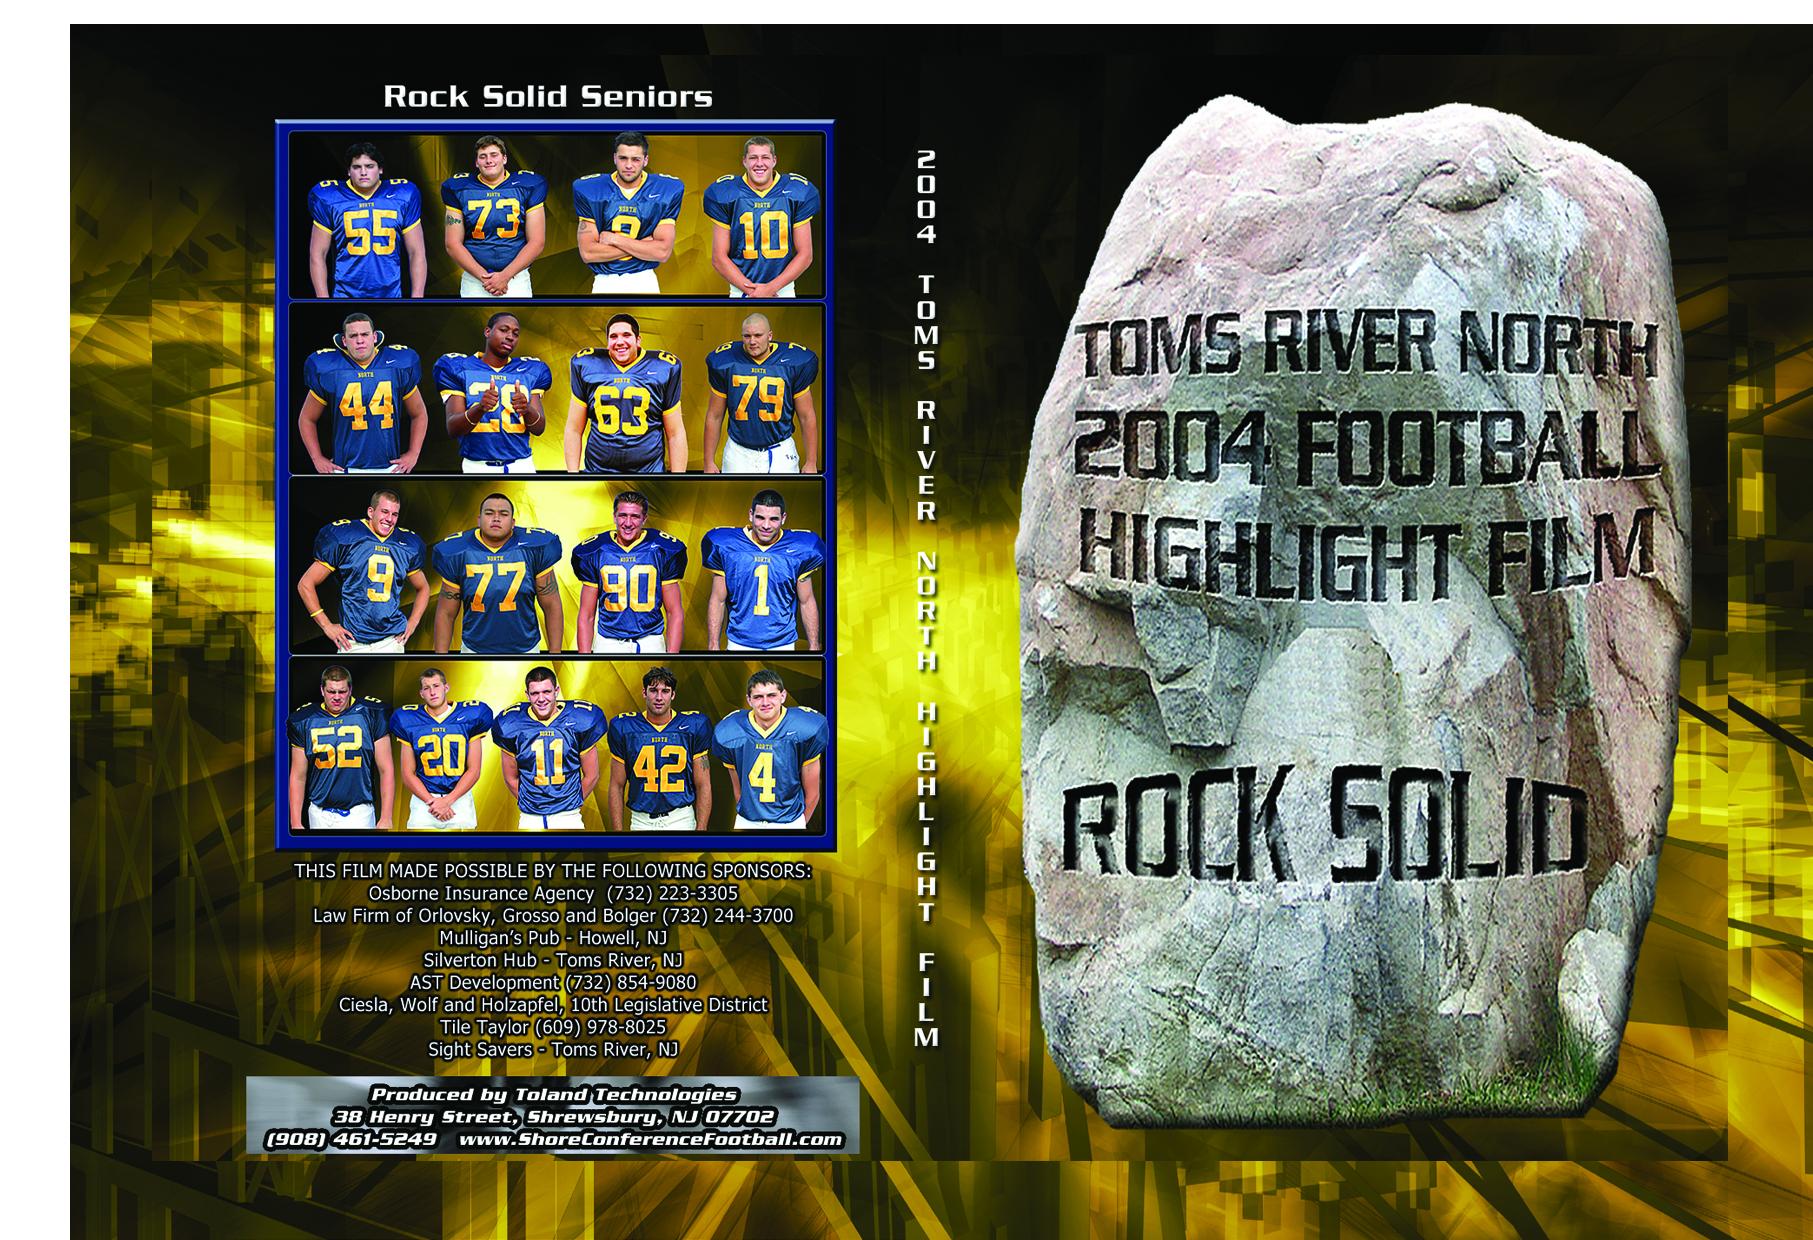 2004 TRN Football Highlight Film Jacket Fixed.jpg